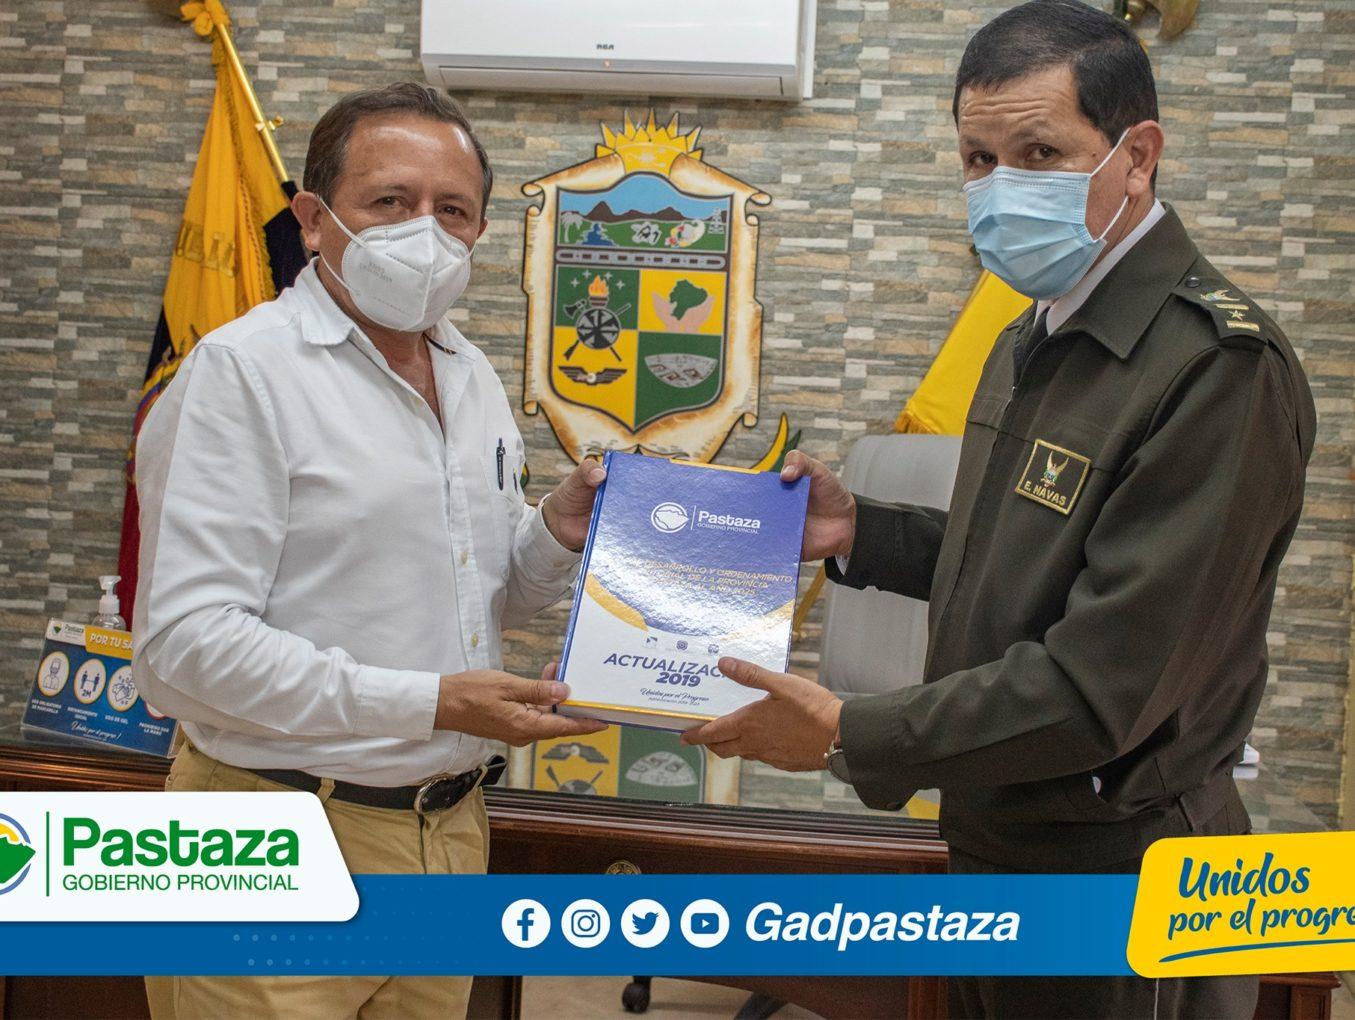 Nuevo Comandante de la Policía, Subzona Pastaza, es recibido en el despacho de Prefectura